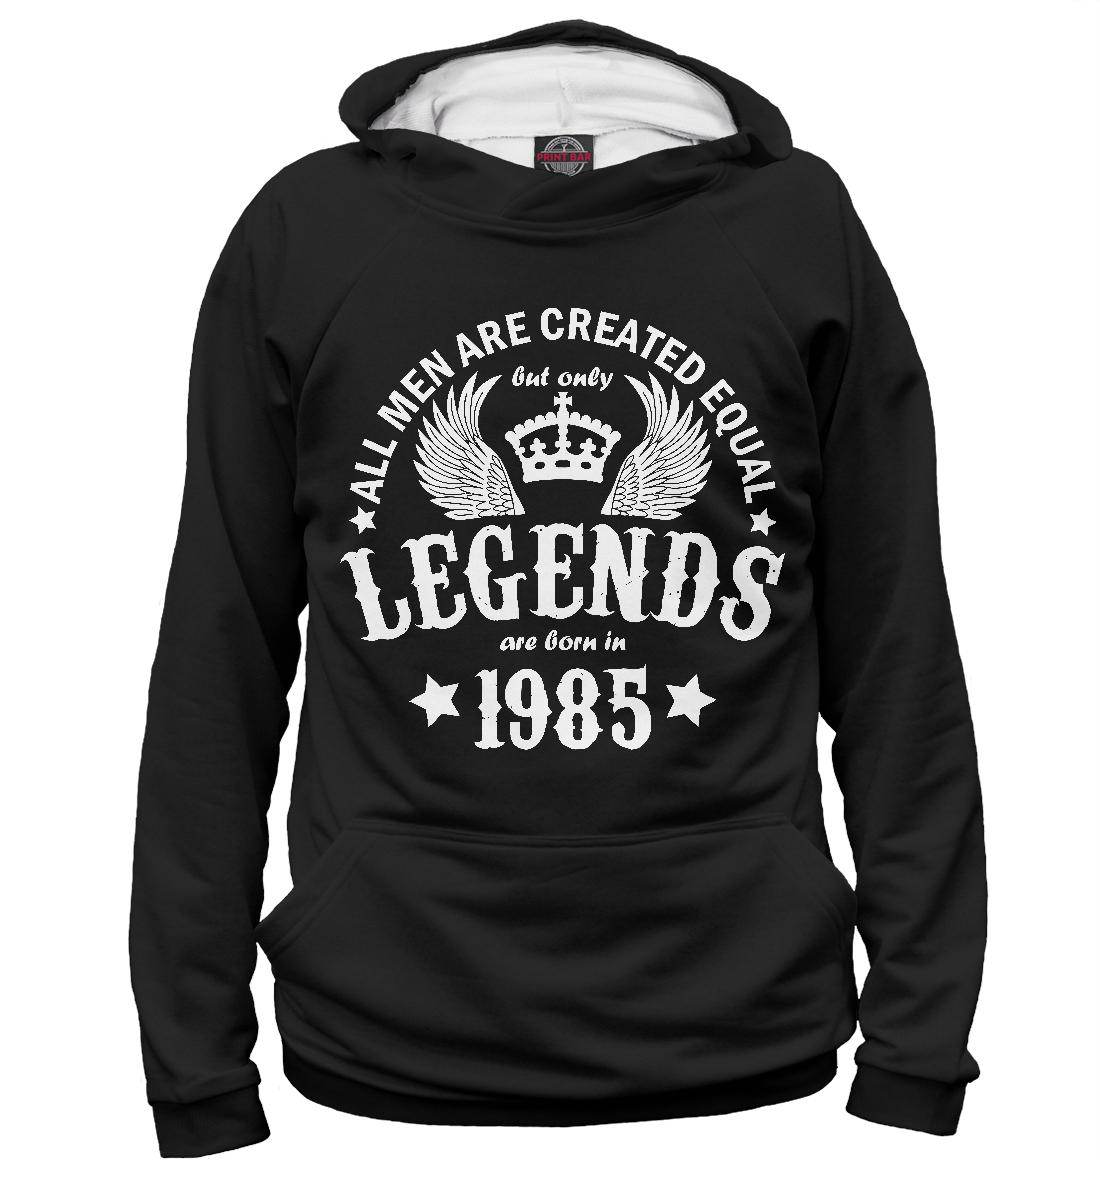 Купить 1985 - рождение легенды, Printbar, Худи, DVP-309336-hud-2